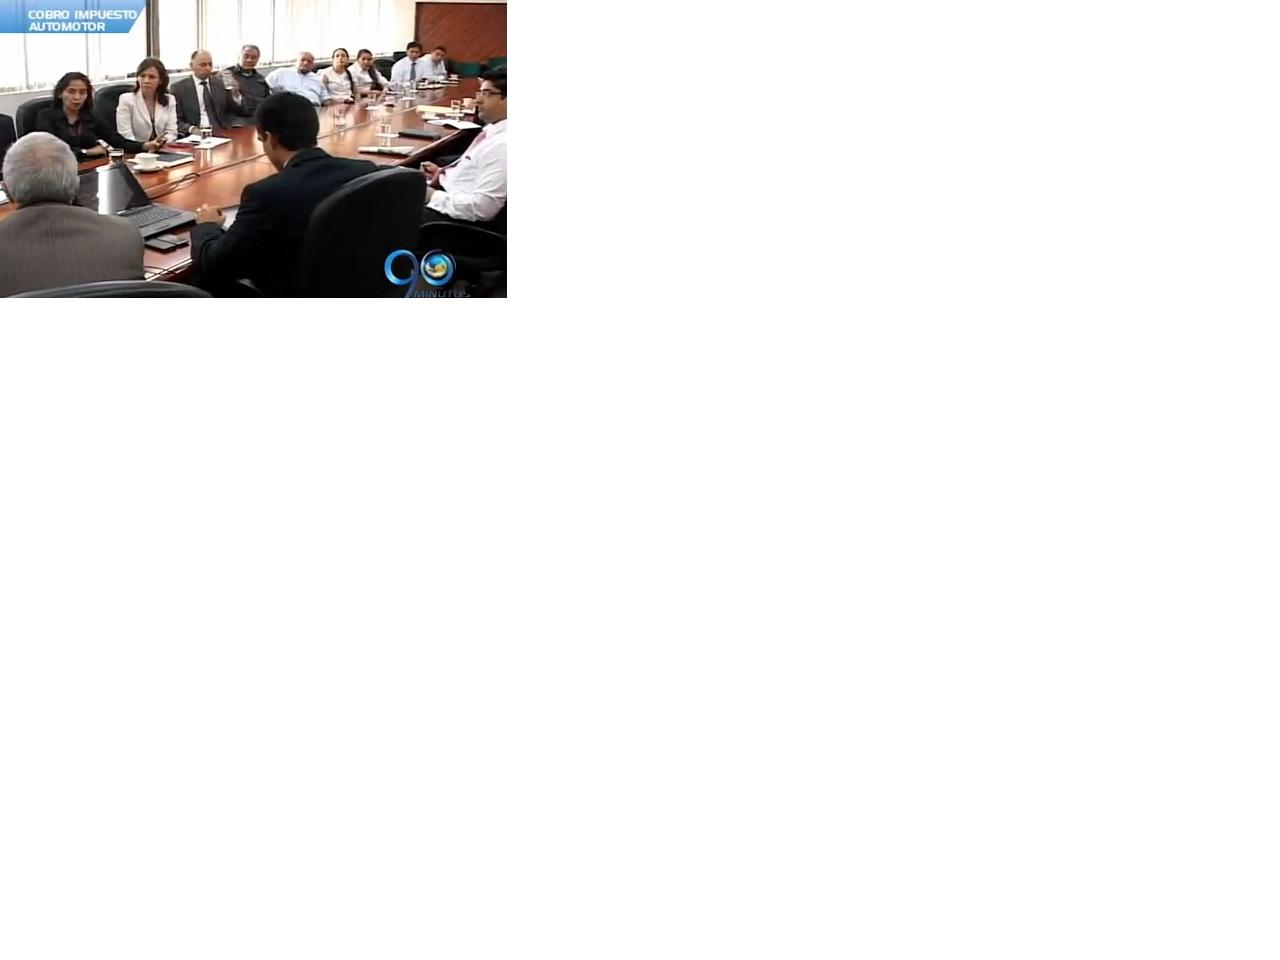 Gobernación y comerciantes lograron acuerdo por el cobro impuesto automotor